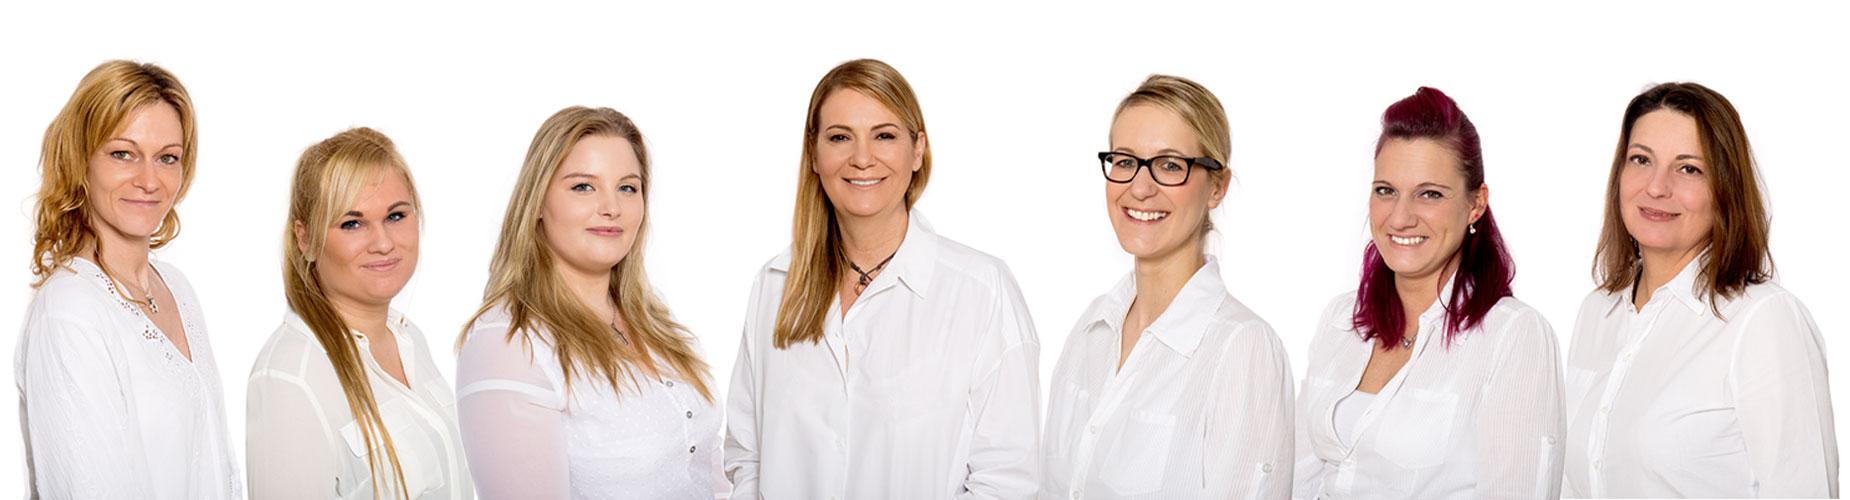 Praxisteam Dr. Anheyer